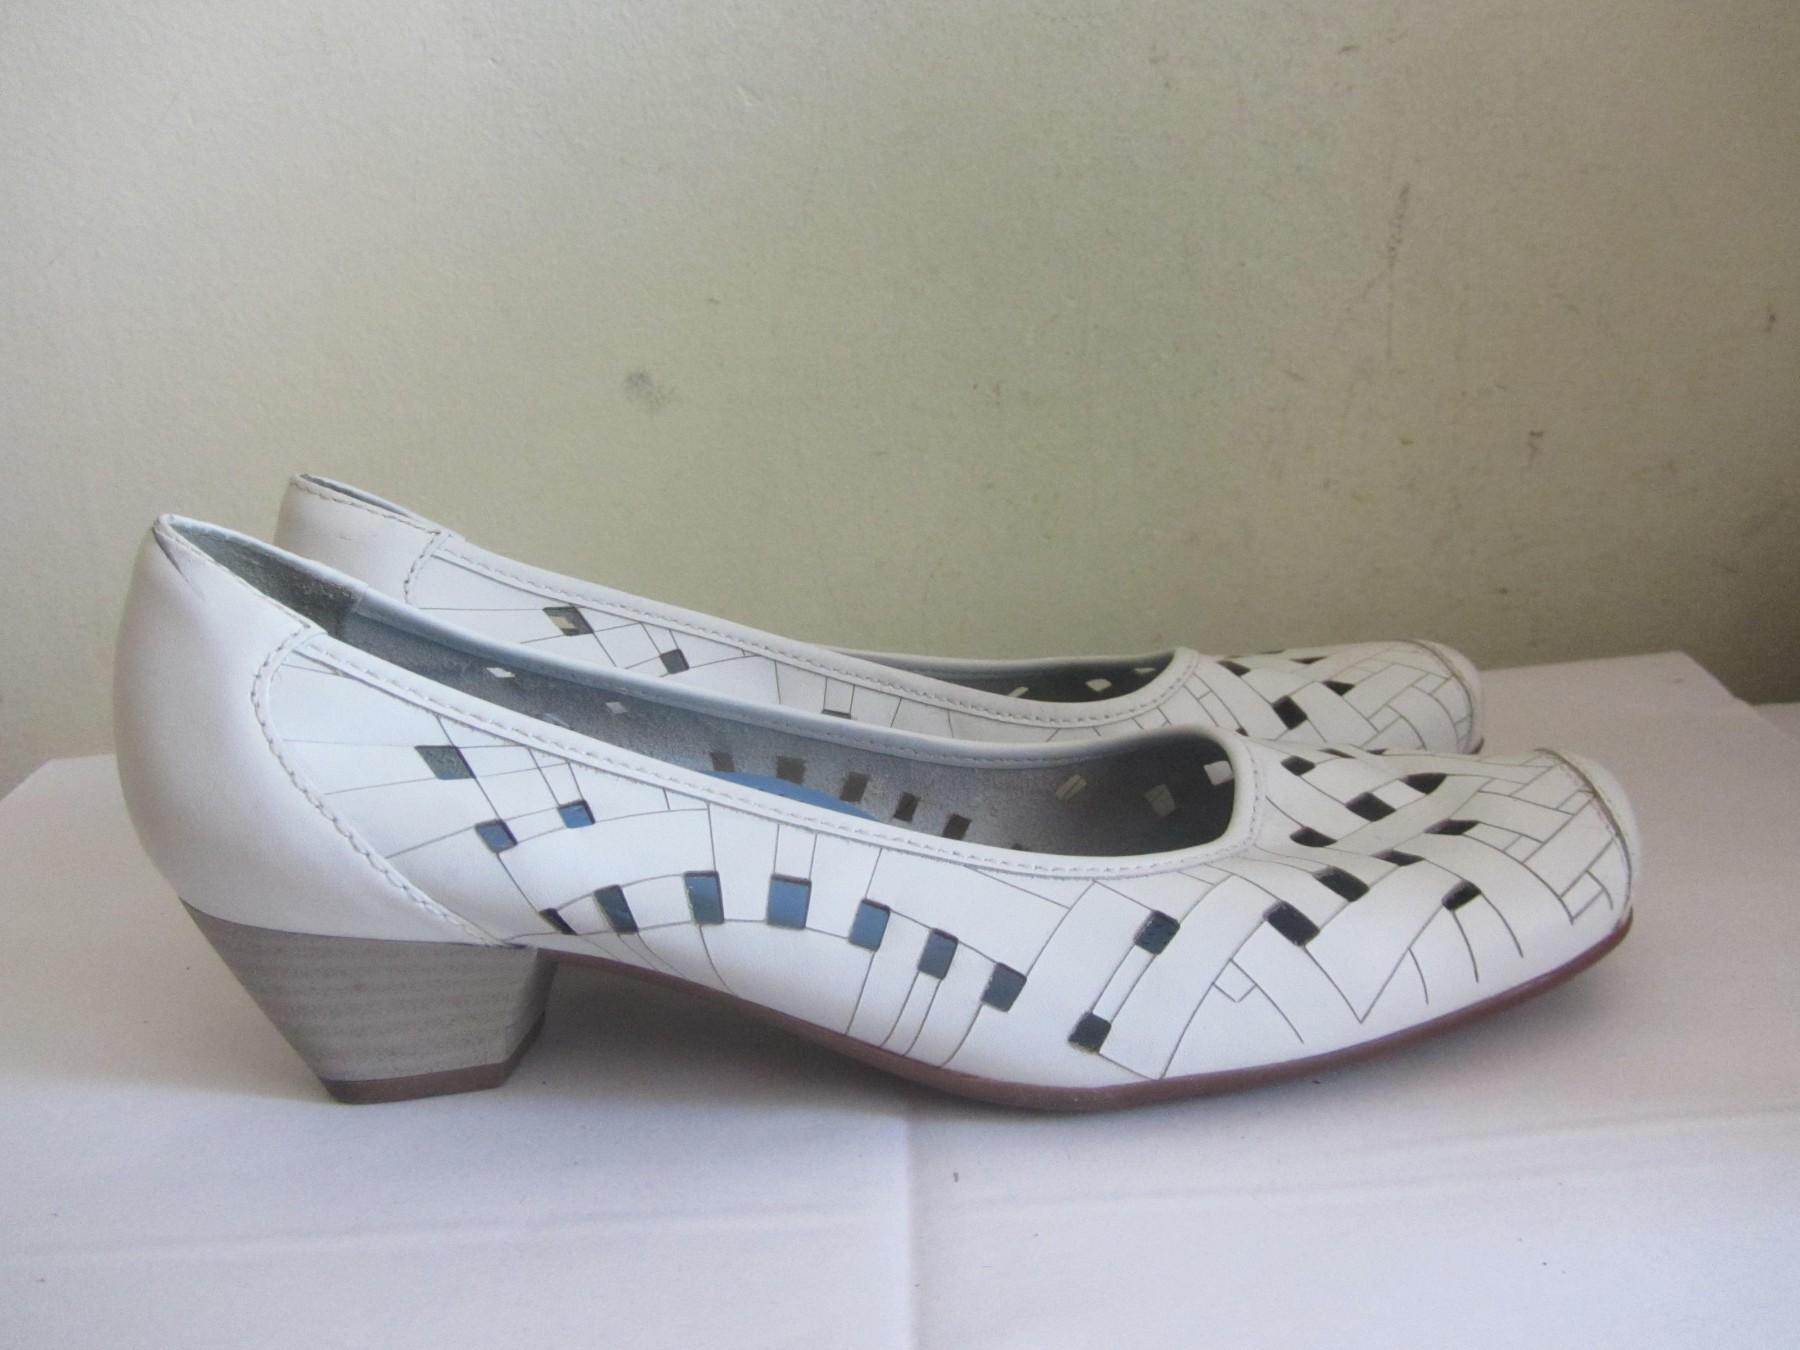 newest 6fcb2 6552f NOVE*** kozne cipele*** JENNY ARA 39 (68262245) - Limundo.com